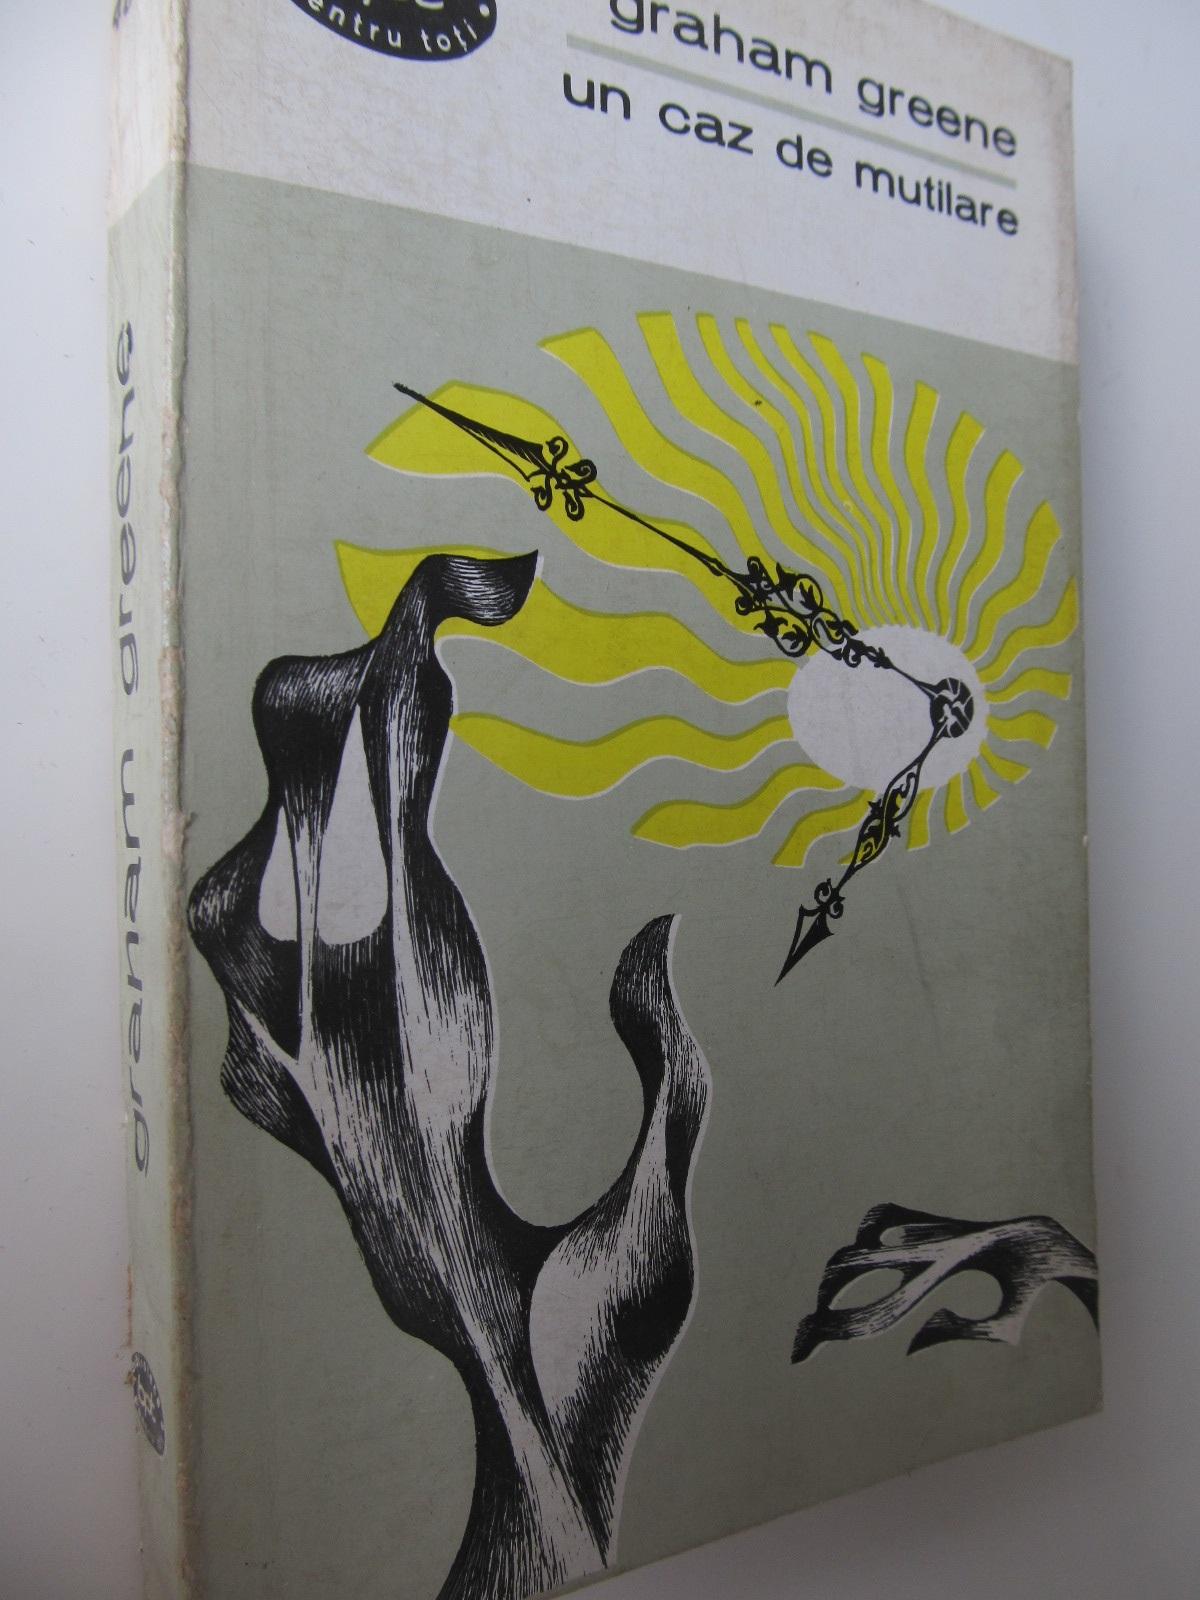 Un caz de mutilare - Graham Greene | Detalii carte